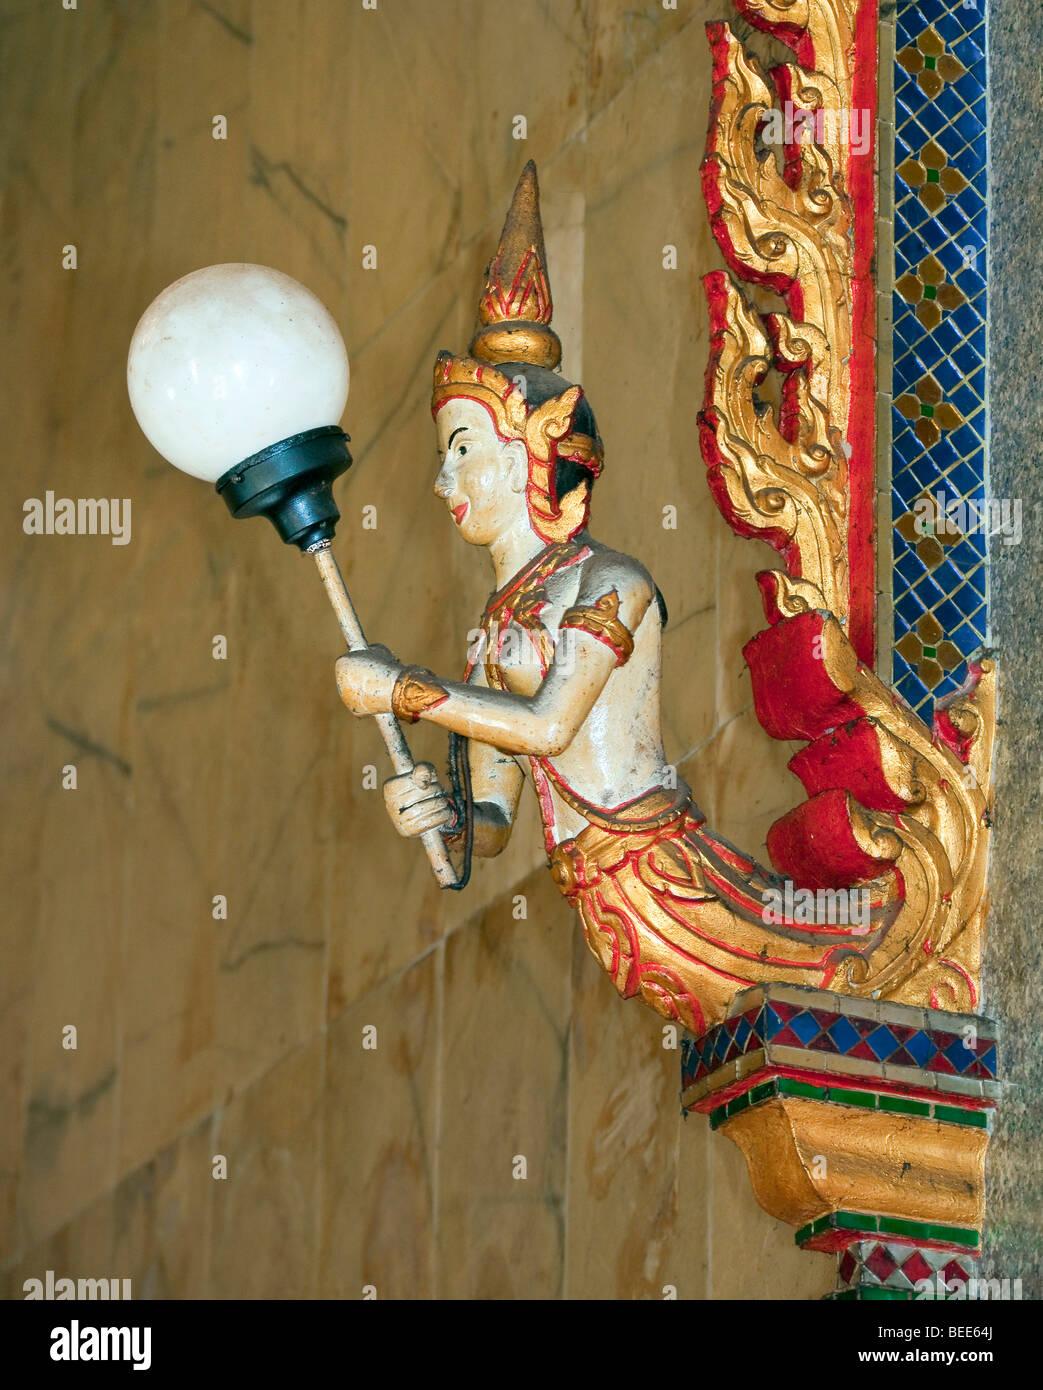 Lamp Buddhist Wat Ladthiwanaram temple Chalong Phuket Island Southern Thailand Southeast Asia - Stock Image